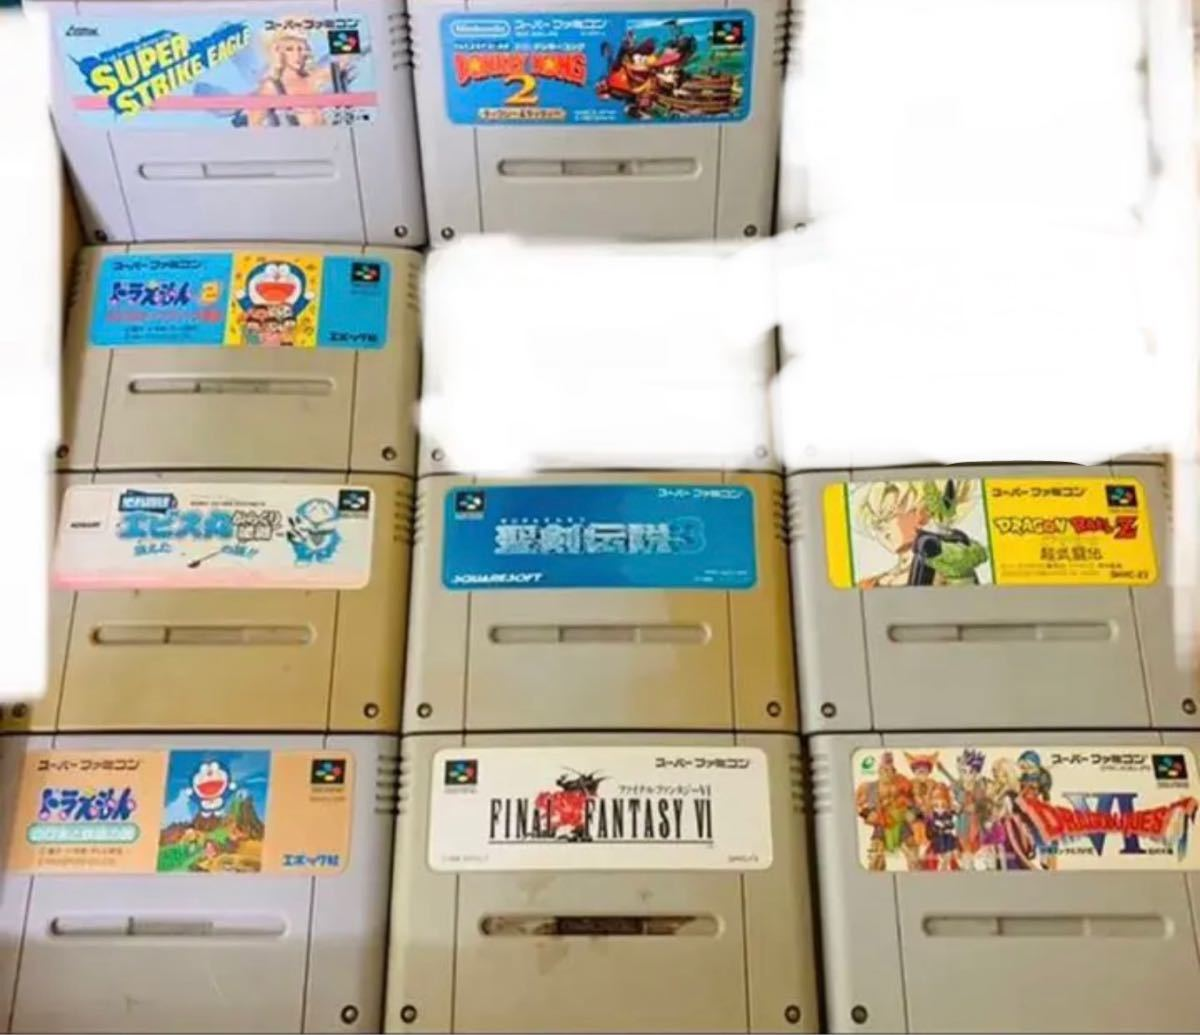 ファミリーコンピュータ SFC スーパーファミコンソフト 26セット価格 中古品